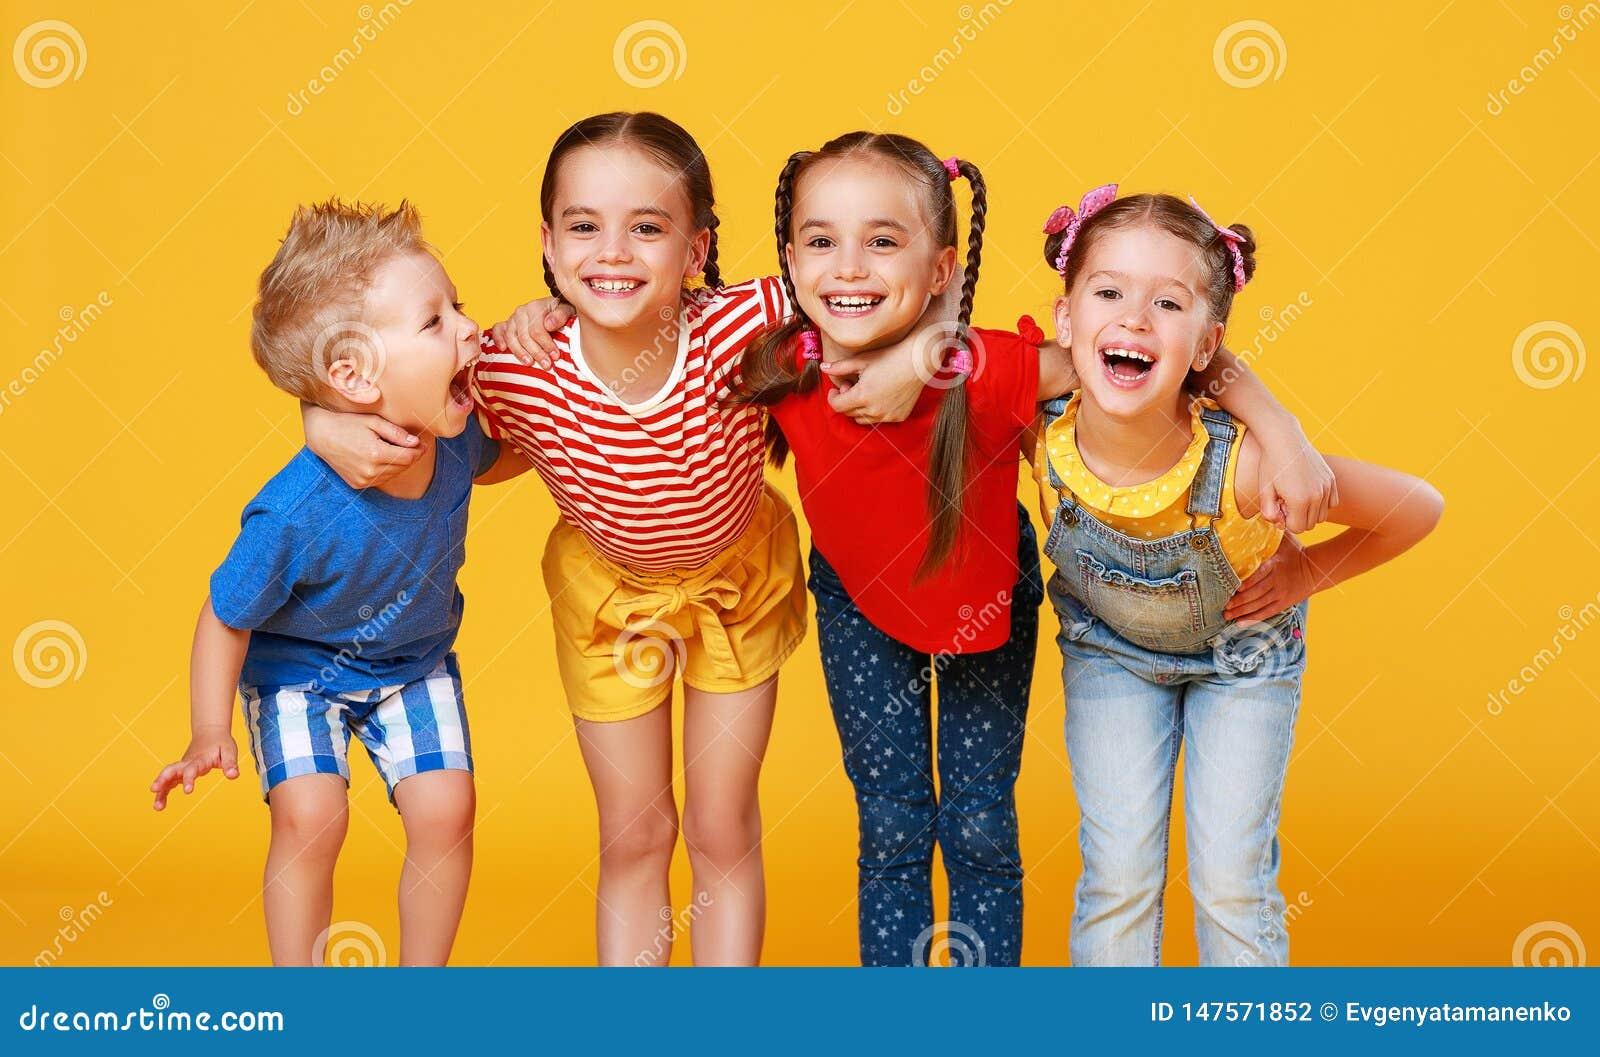 Gruppe nette gl?ckliche Kinder auf farbigem gelbem Hintergrund